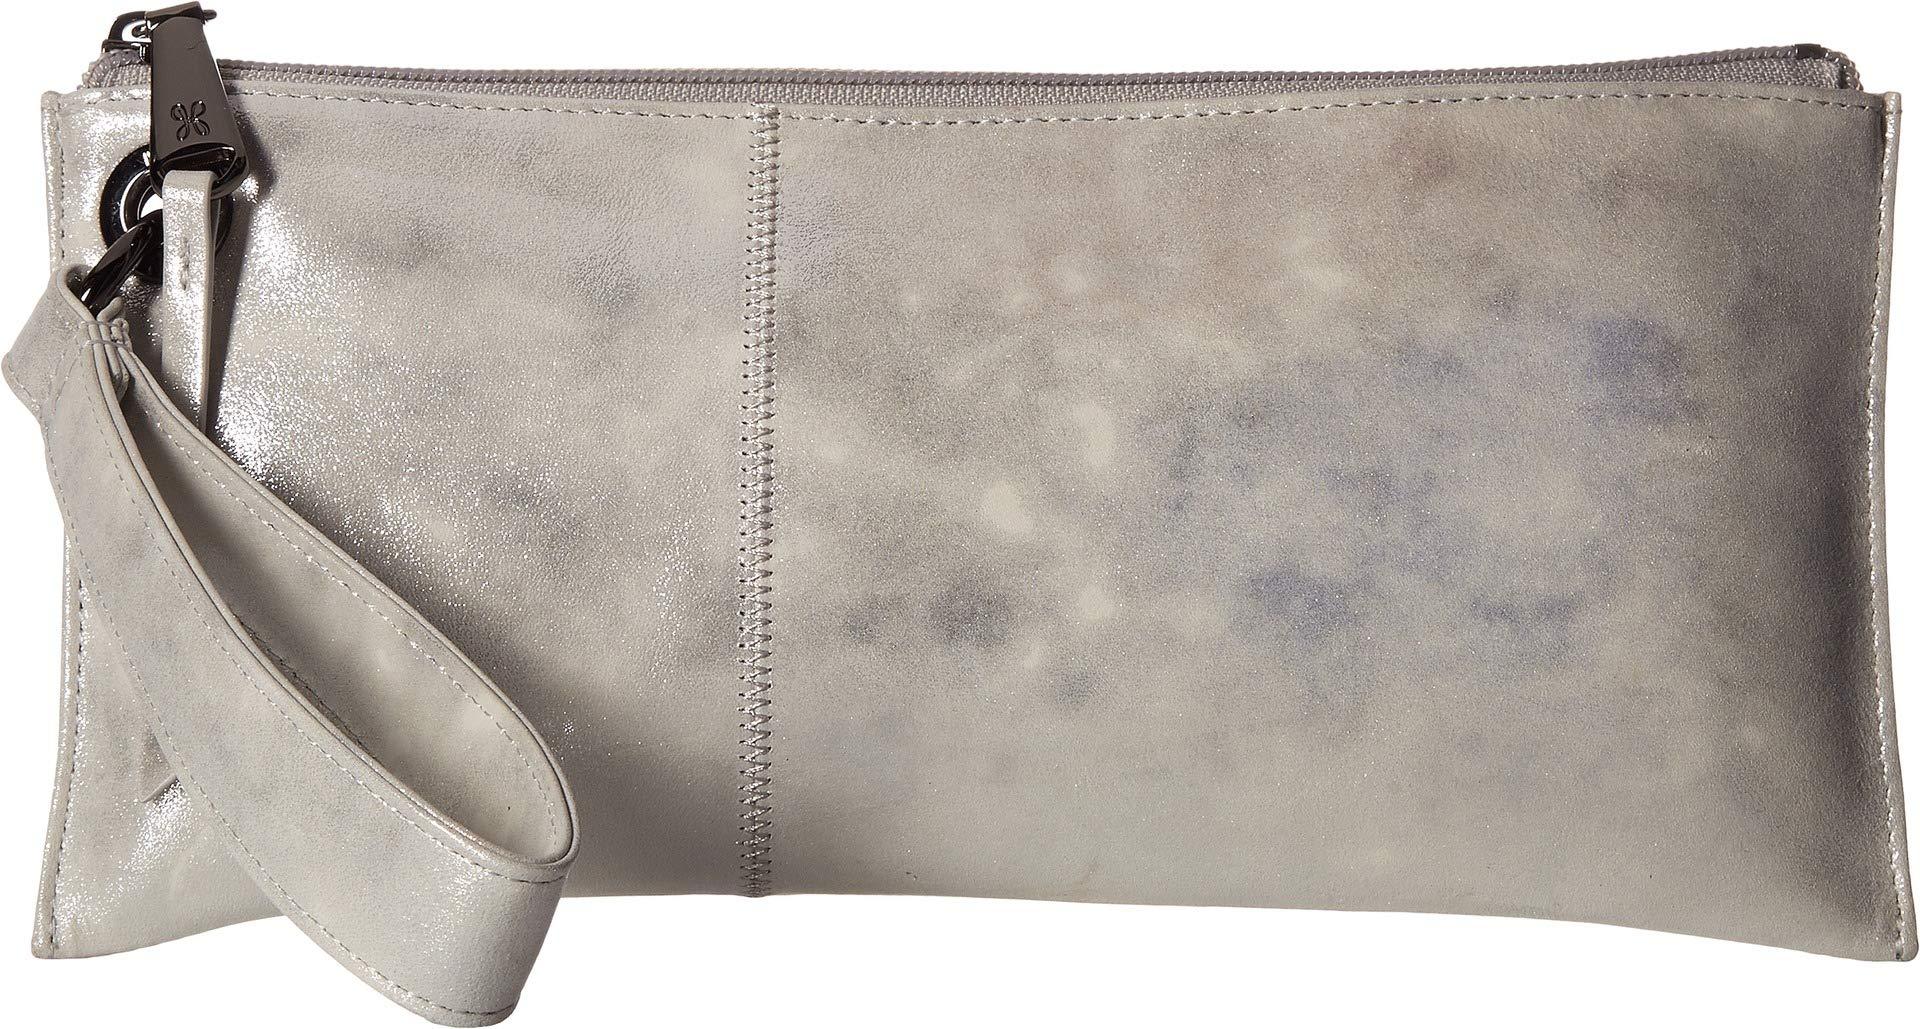 Hobo Womens Leather Vintage Vida Clutch Wallet (Snowglobe)